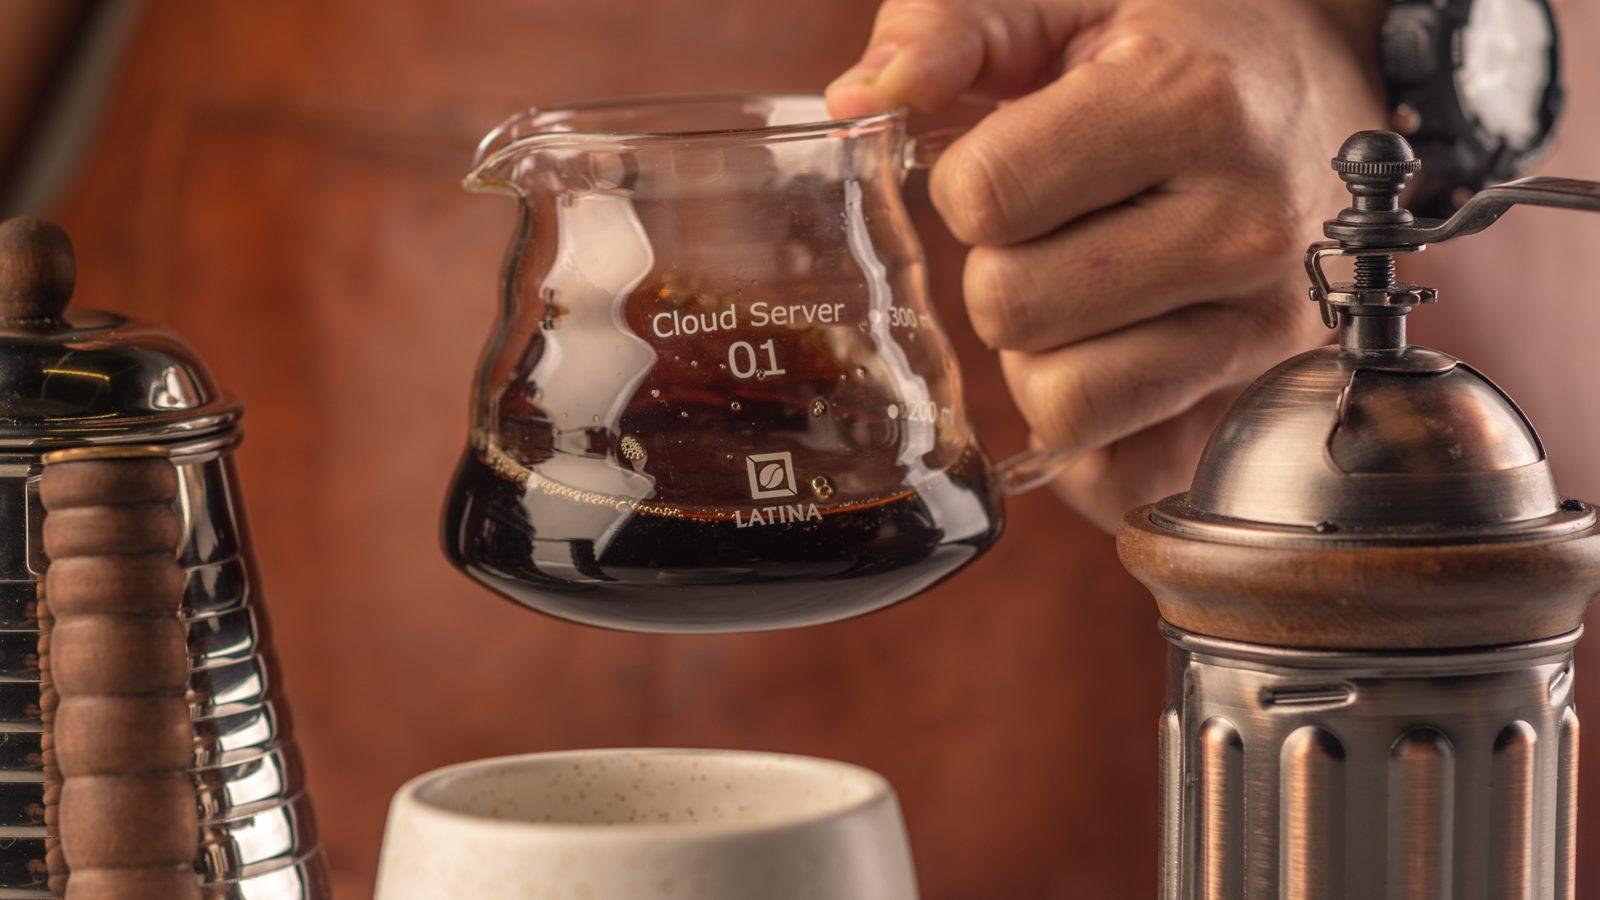 swirling kopi hasil seduhan pada Latina Cloud Server